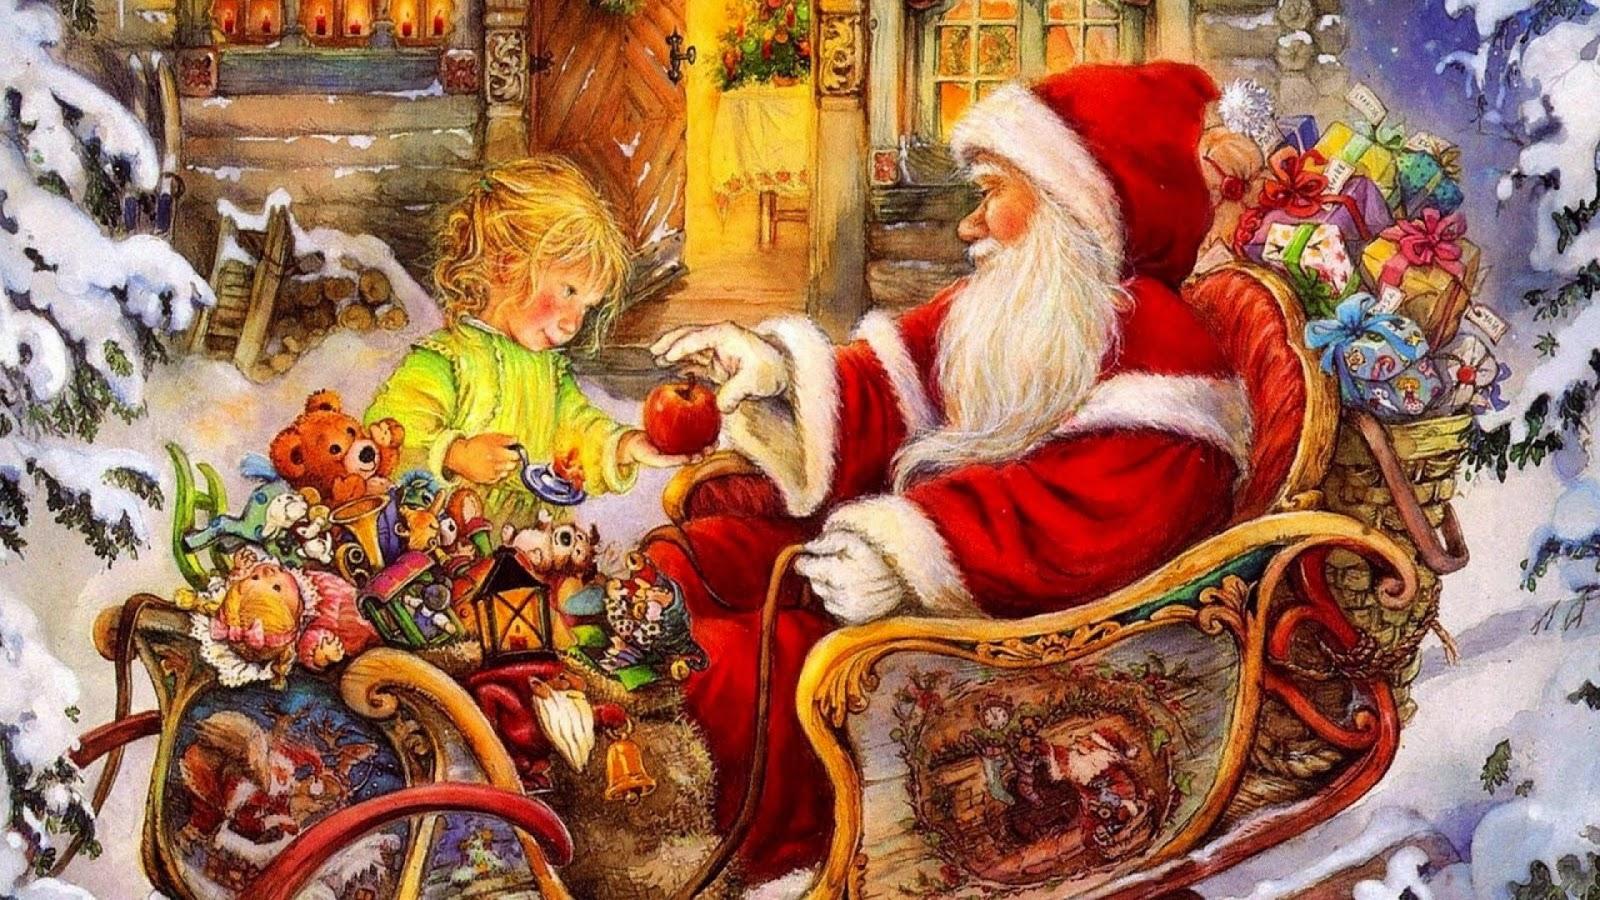 Fondo De Pantalla 3d De Navidad De Santa Vas De Luna Hd: ImagesList.com: Christmas Wallpapers, Part 8